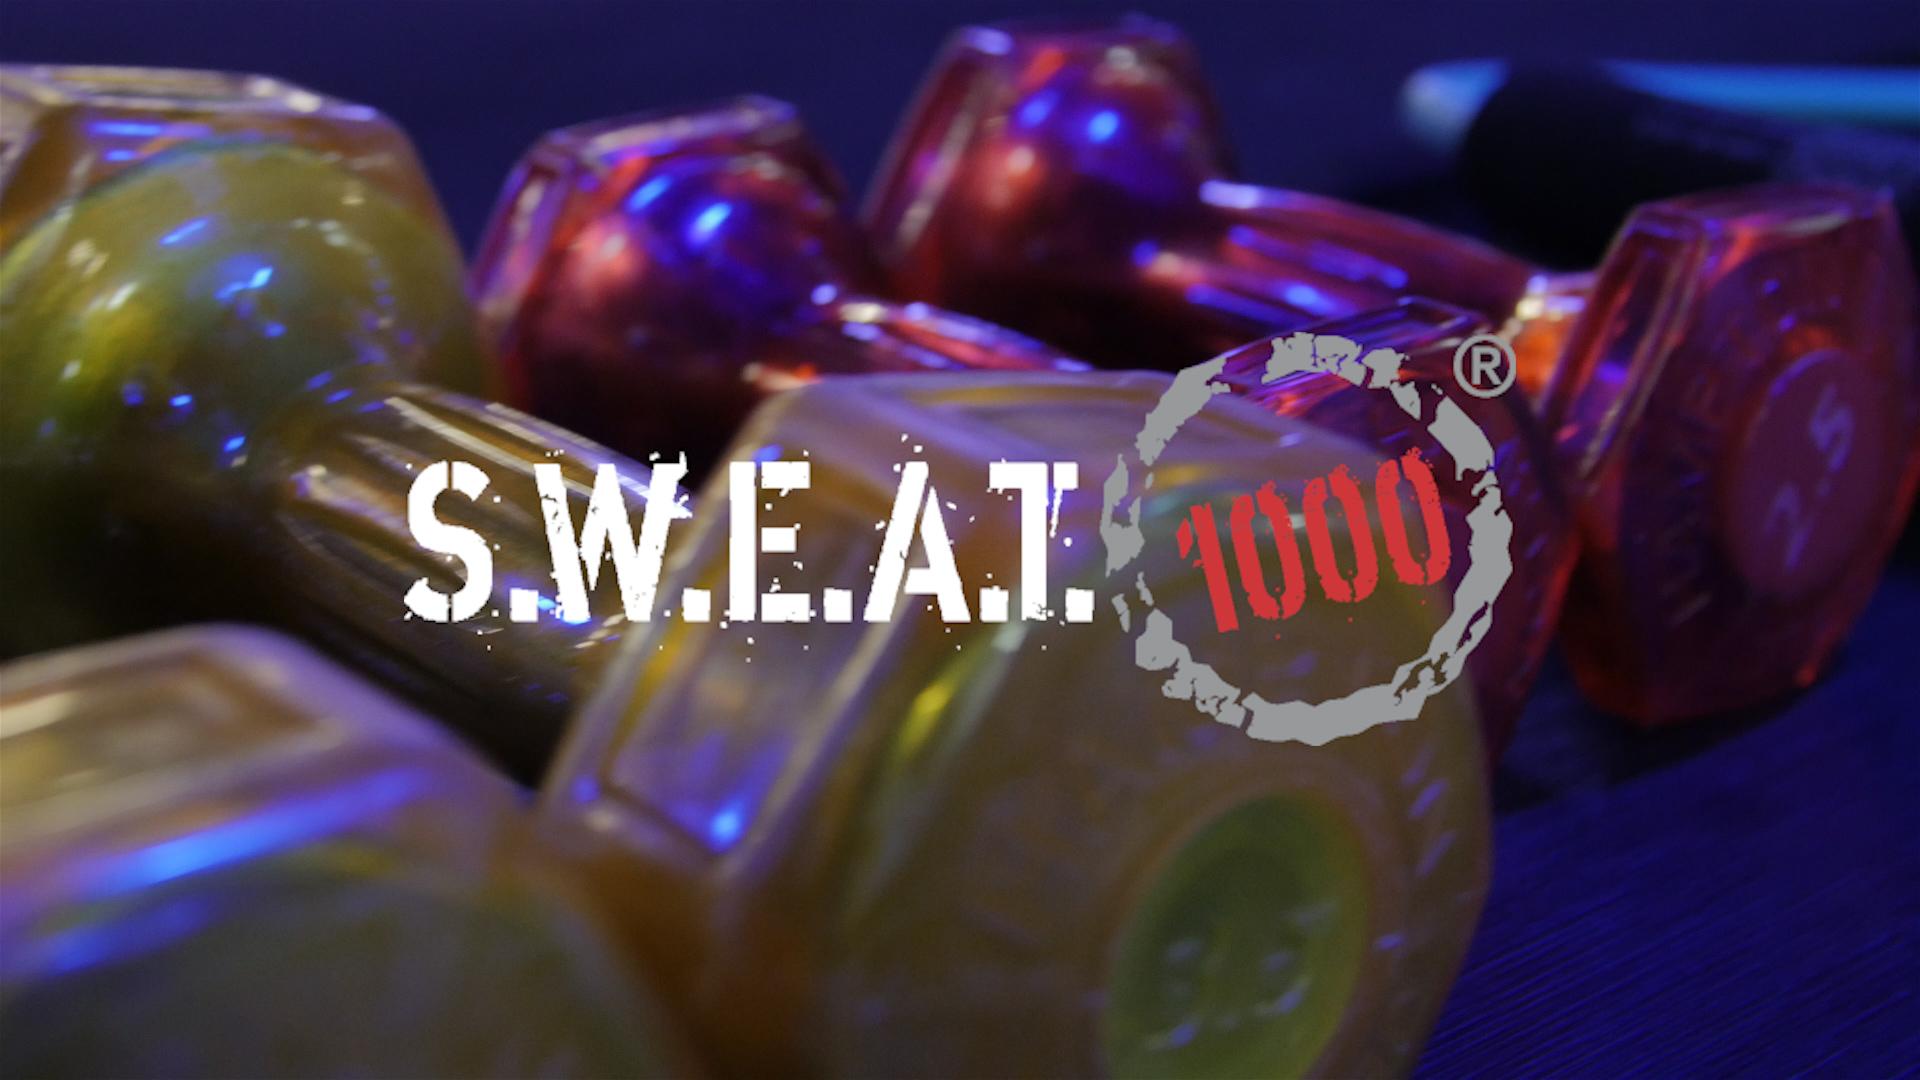 S.W.E.A.T. 1000 | Mandela Day